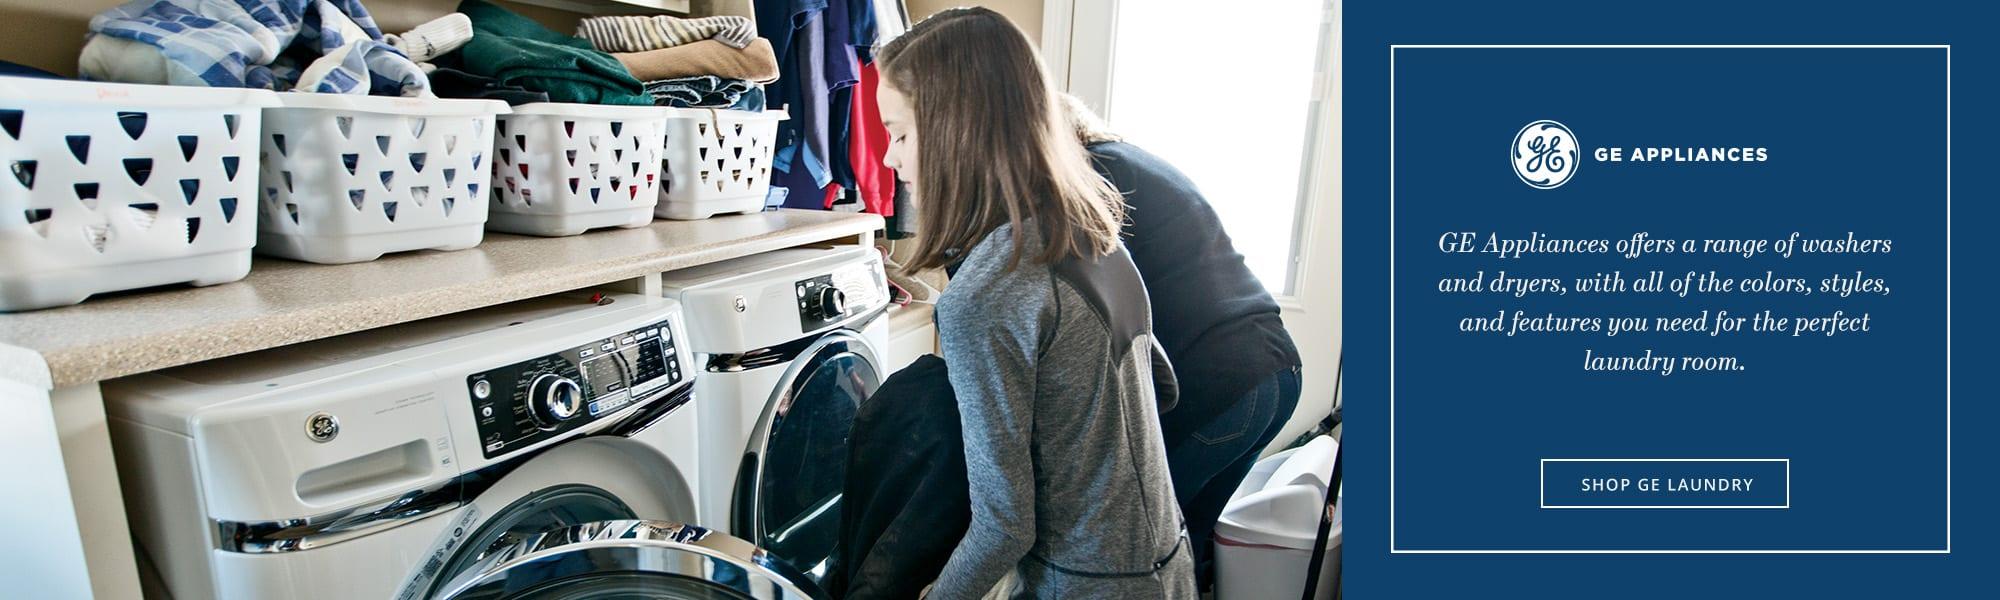 GE Laundry Appliances